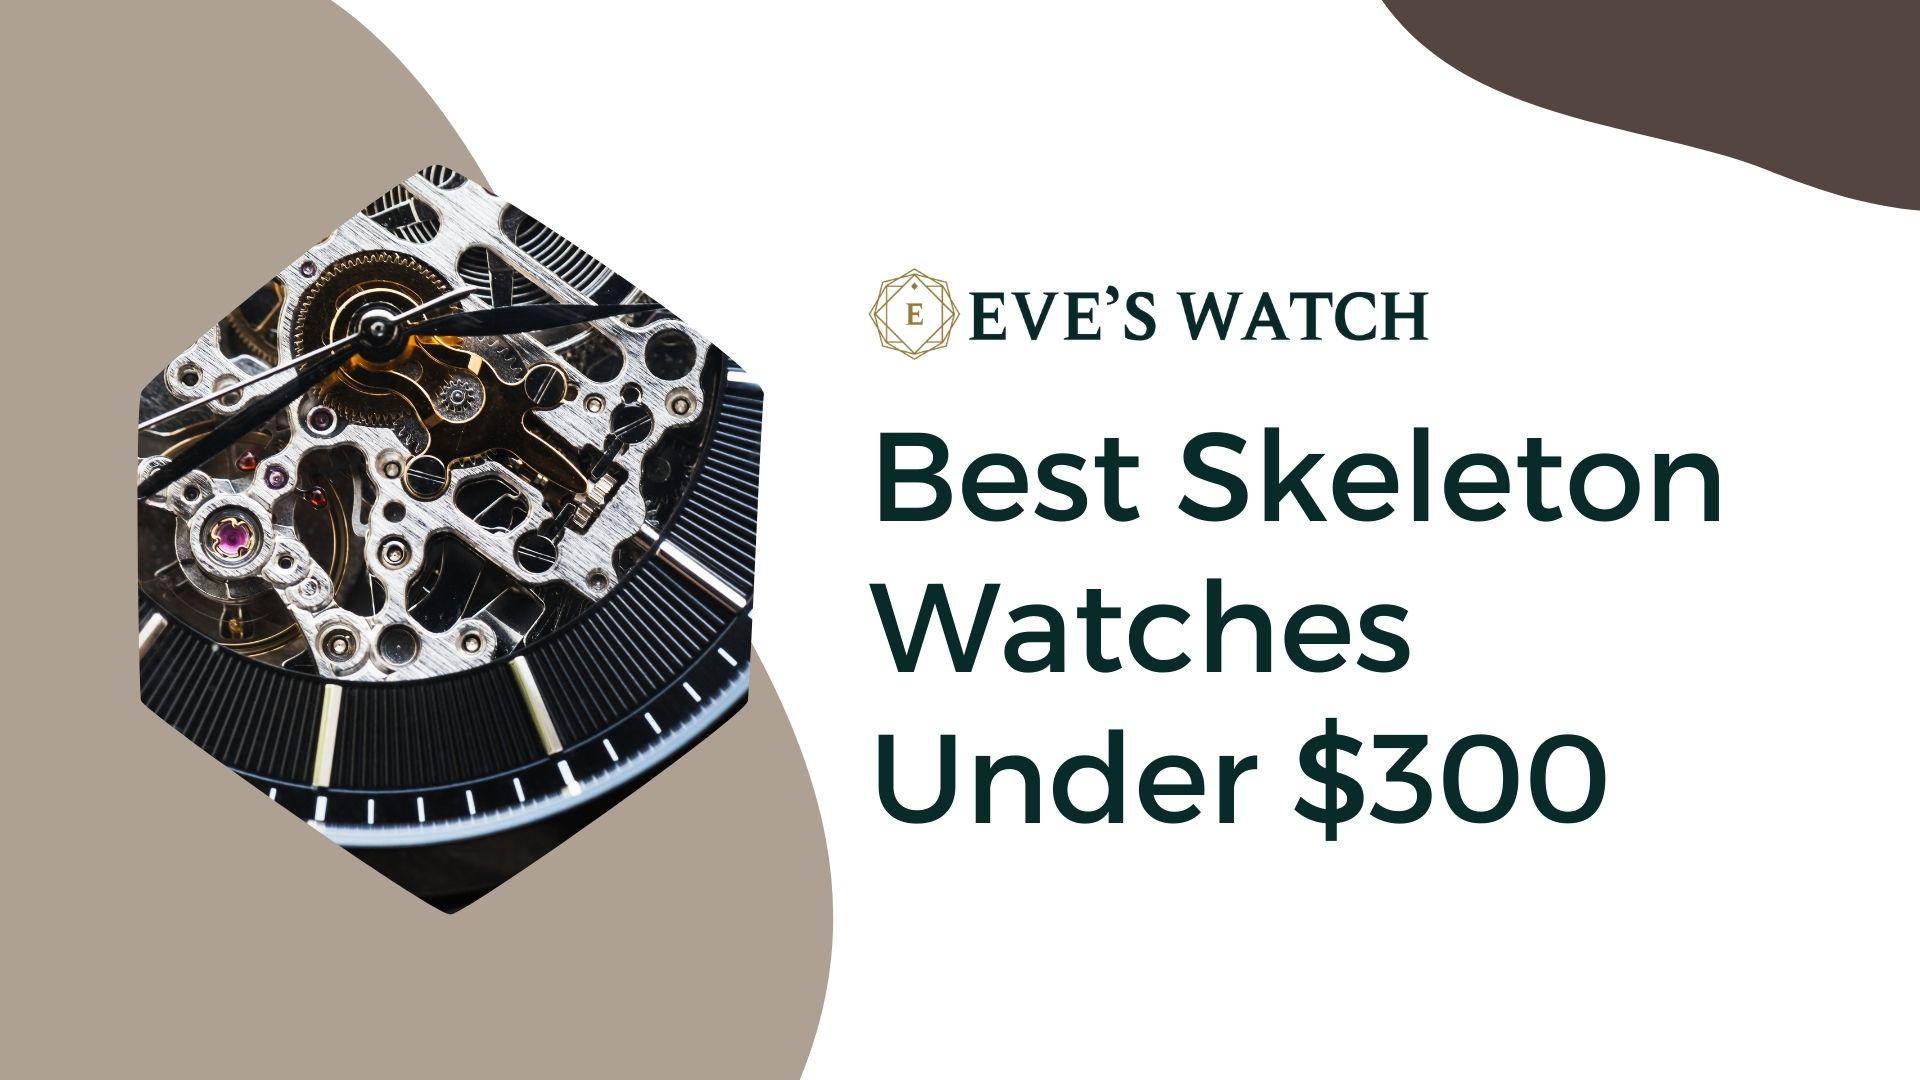 Best Skeleton Watches Under $300